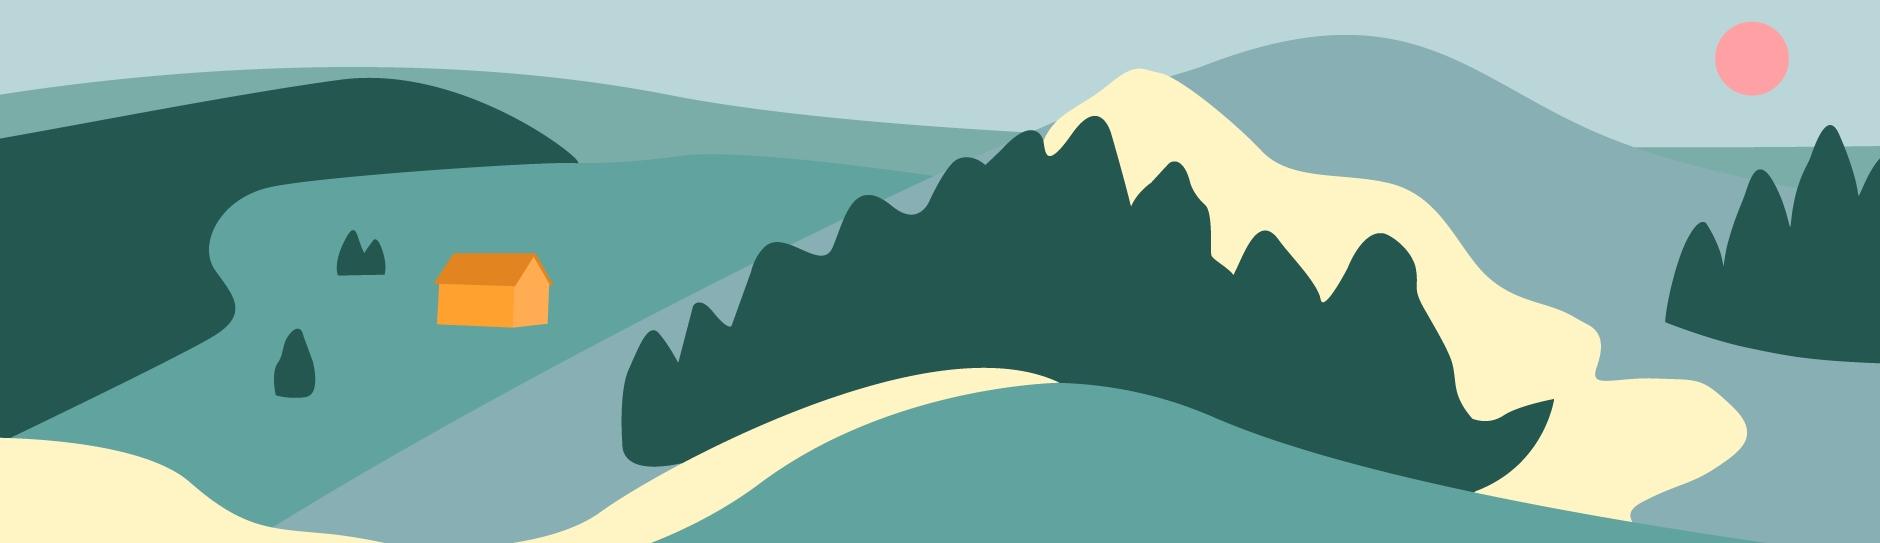 Illustration d'une montagne avec une petite maison